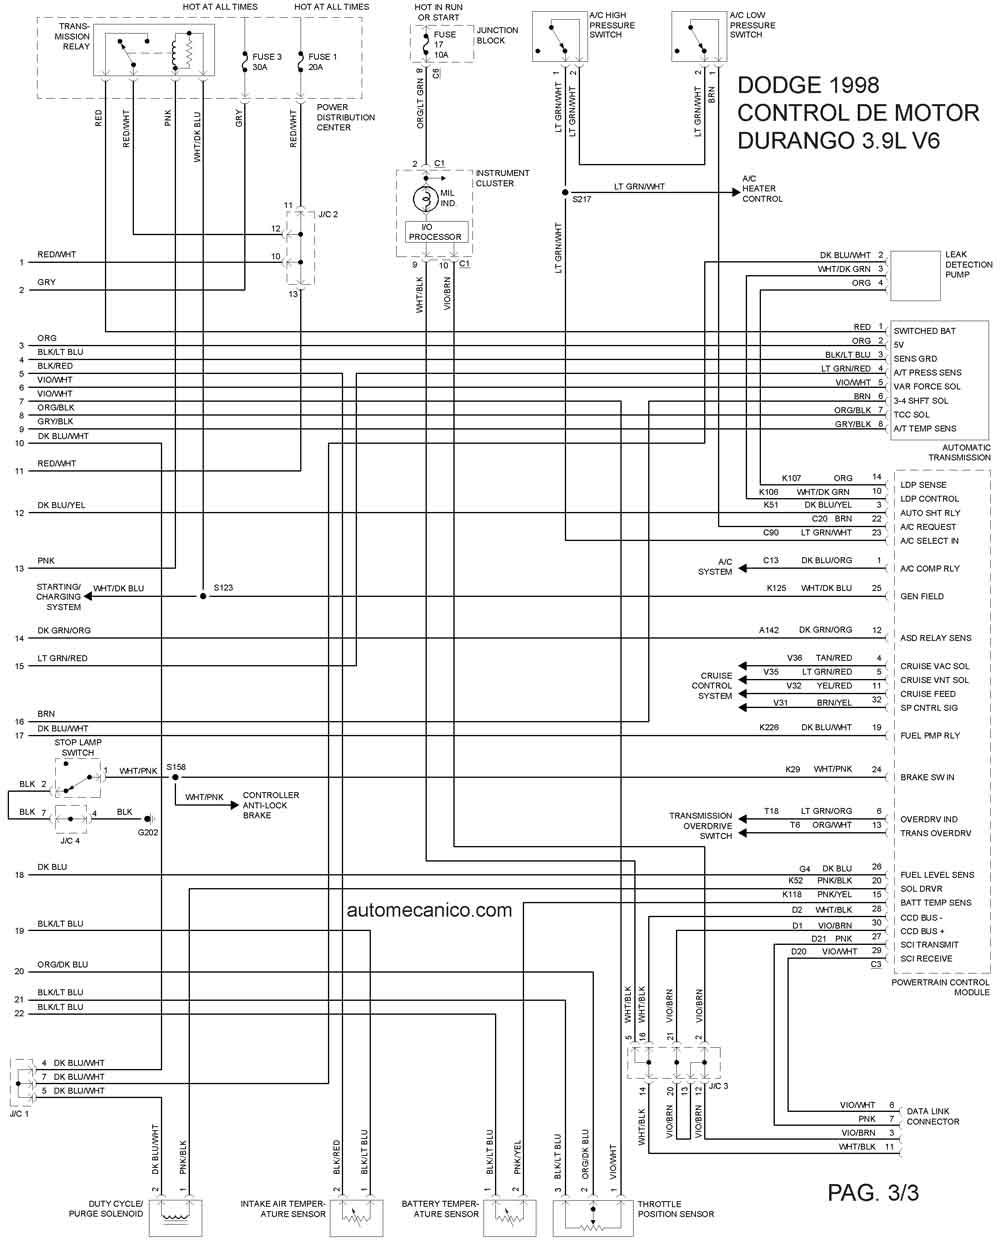 2001 dodge durango Diagrama del motor